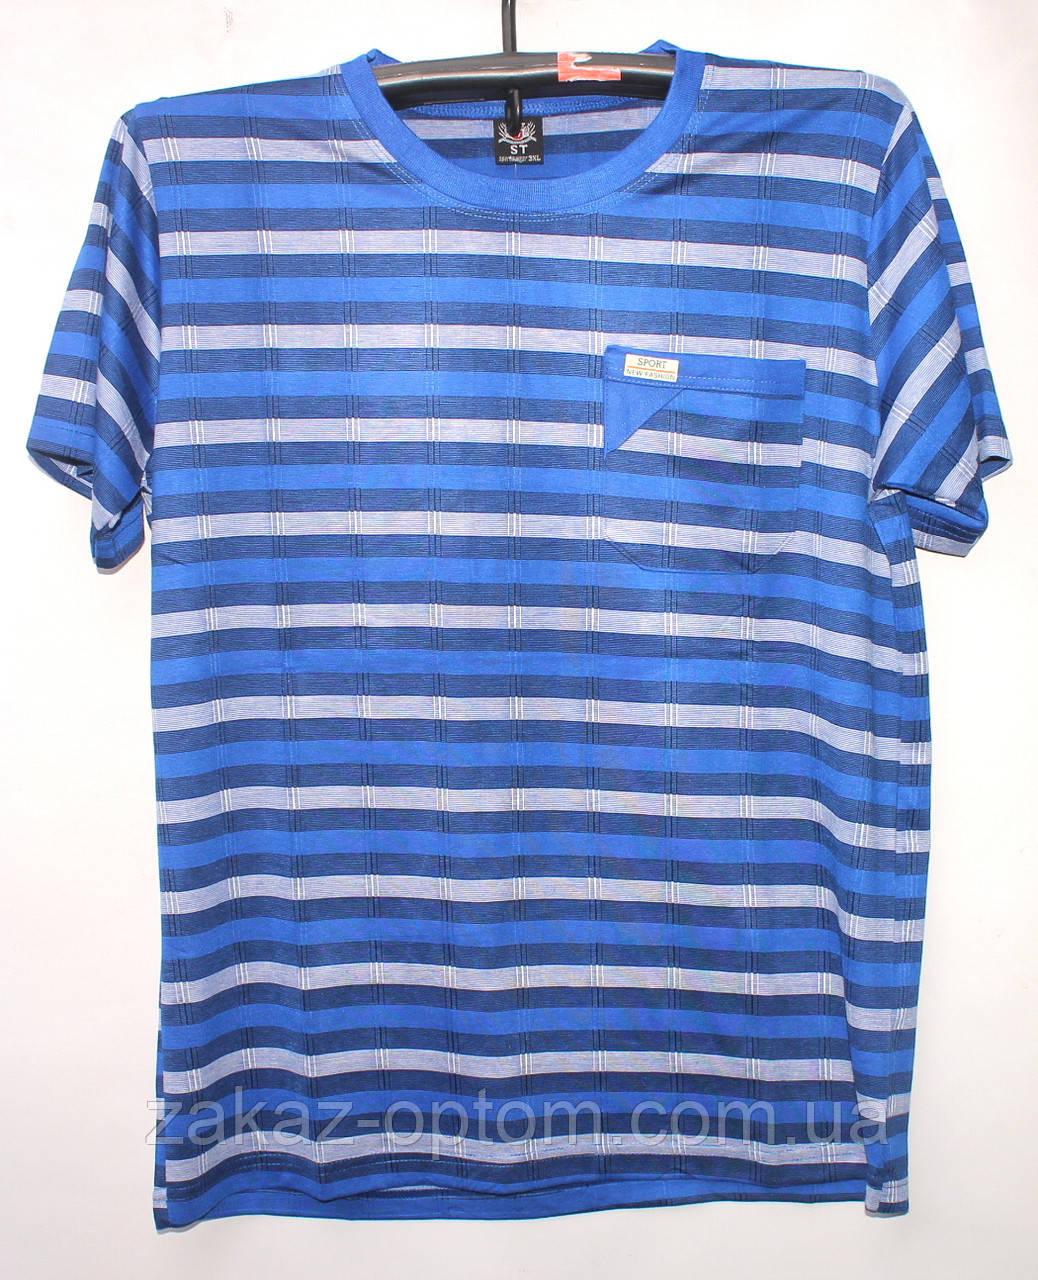 Футболка мужская норма 100%Cotton (48-54) А1 -52592